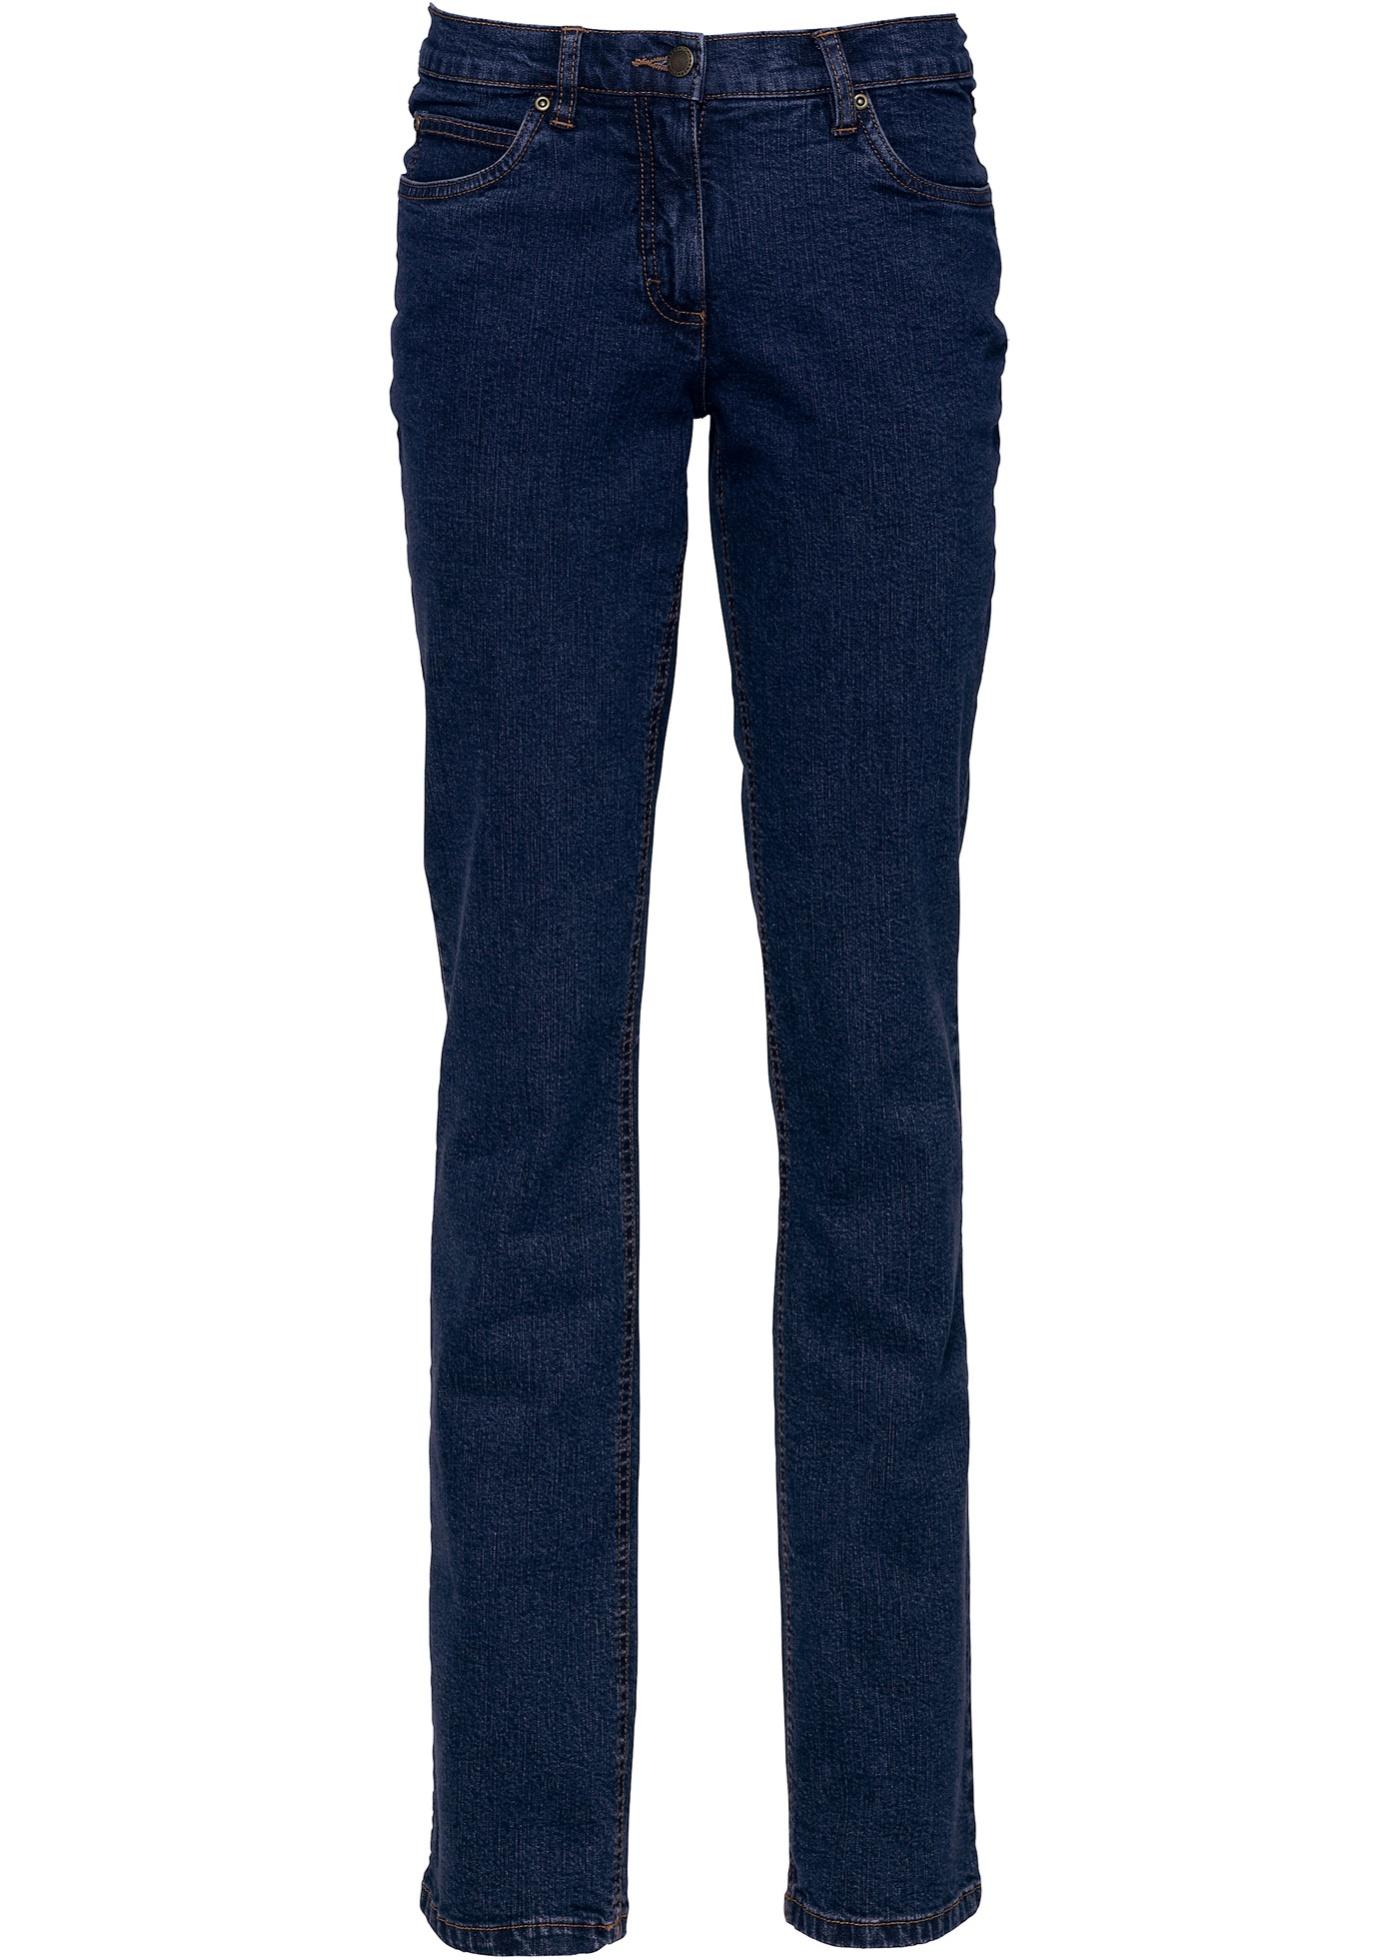 BonprixJean Straight Jeanswear Bleu Pour Femme Extensible John Baner j4RA5L